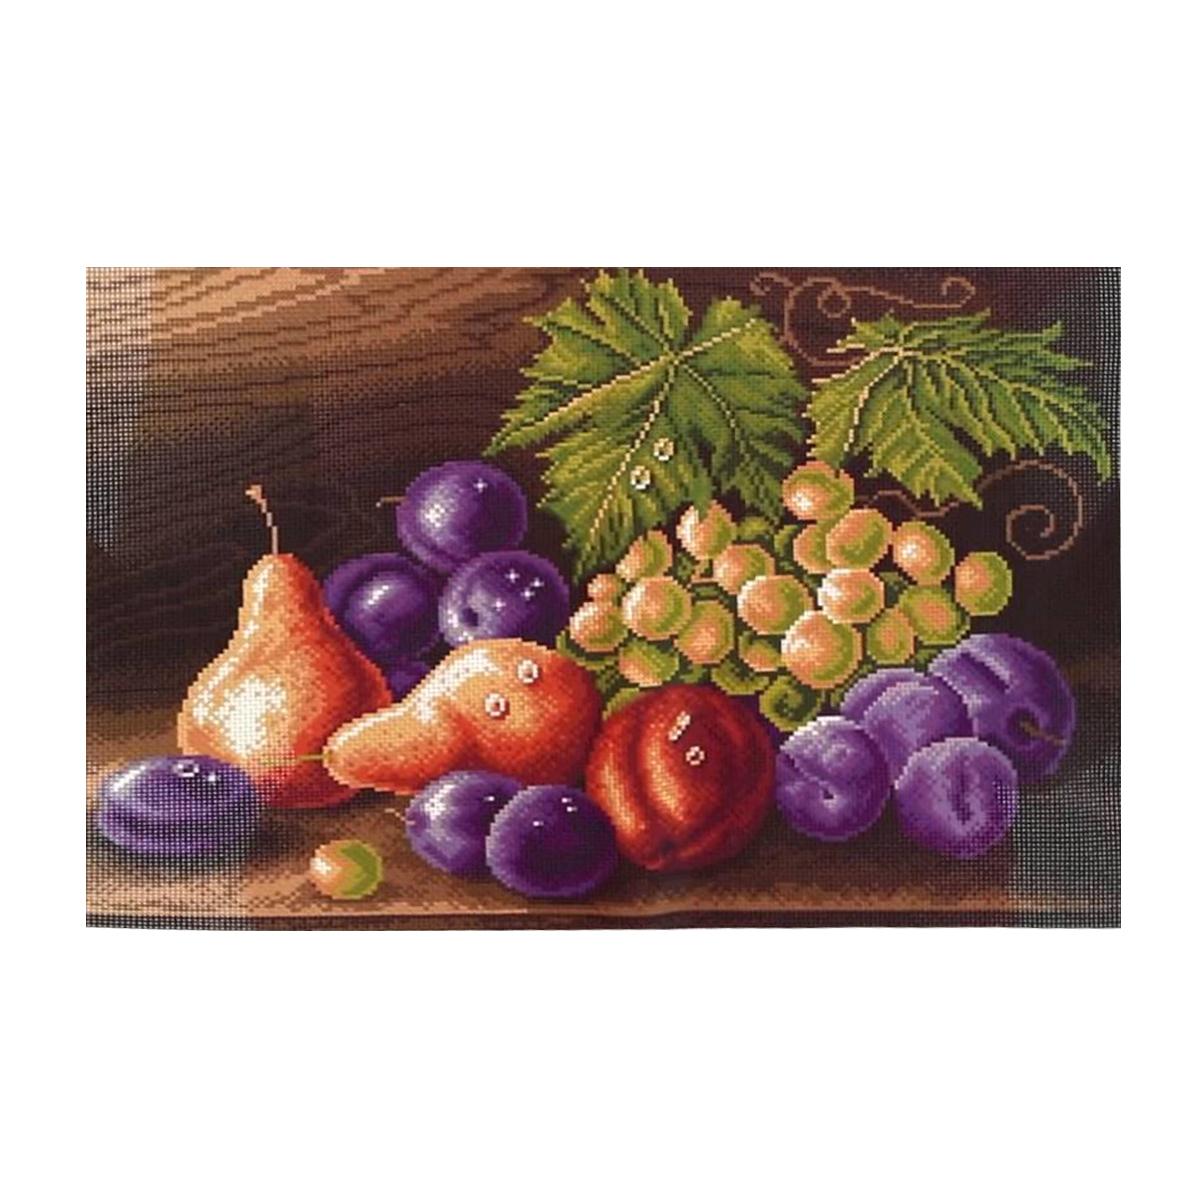 Канва с рисунком Матренин Посад Фруктовая композиция, 33 см х 45 см. 1414549932Размер: 33x45 см Рисунок полностью напечатан на канве. Указана цветовая карта ниток. Вышивать рекомендуется мулине в 3 сложения.